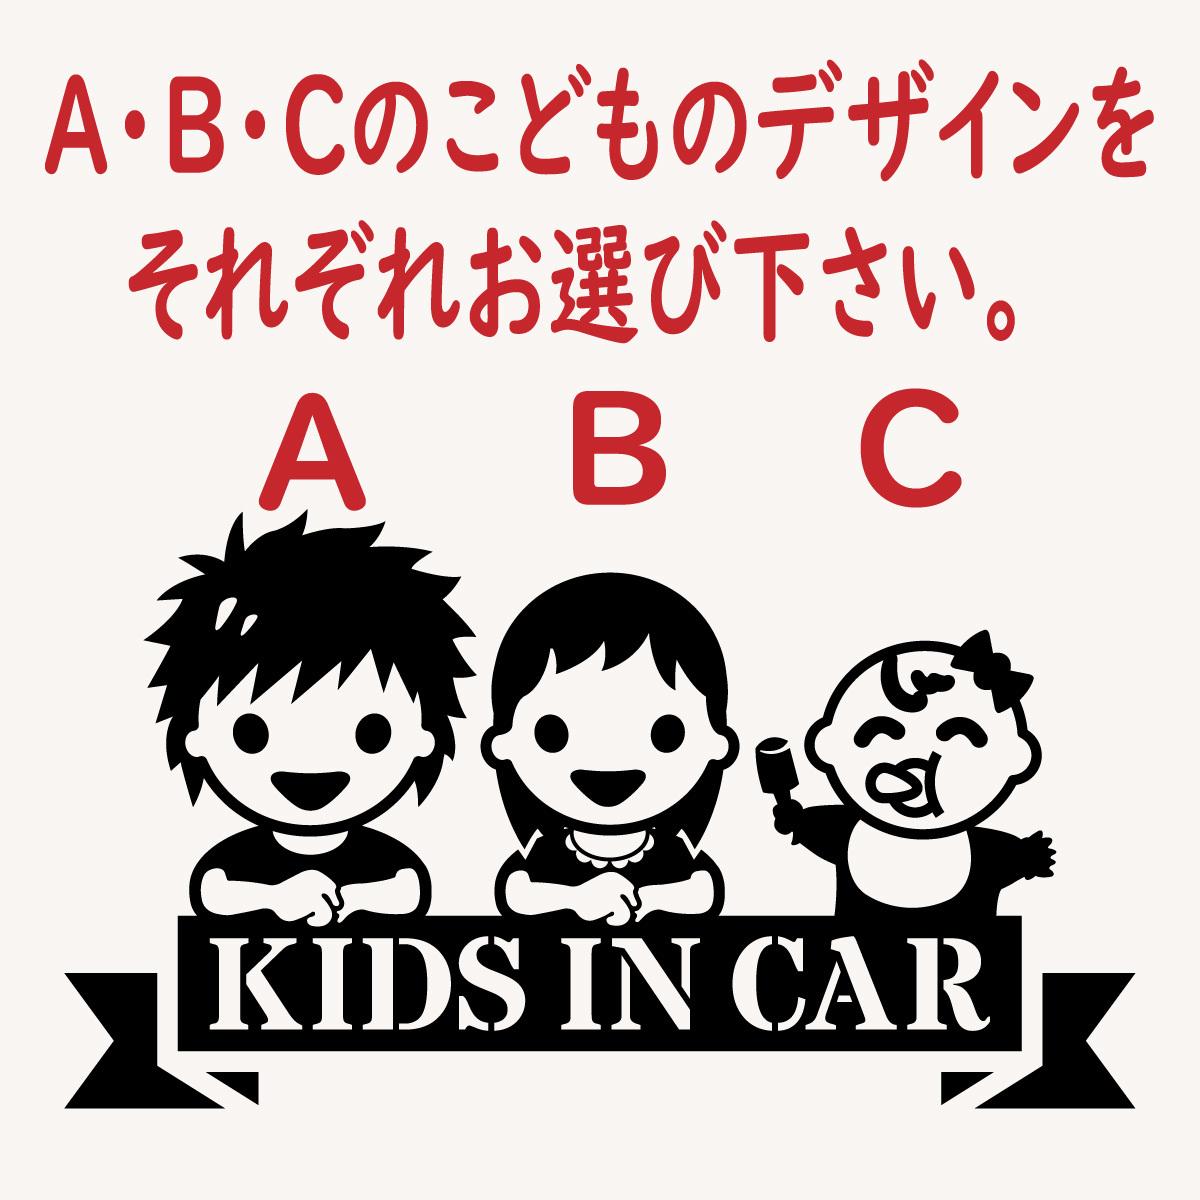 3人兄弟・姉妹 KIDSINCAR  ベビーインカーステッカー お子様のデザイン・金色または銀色選べます。243_画像2